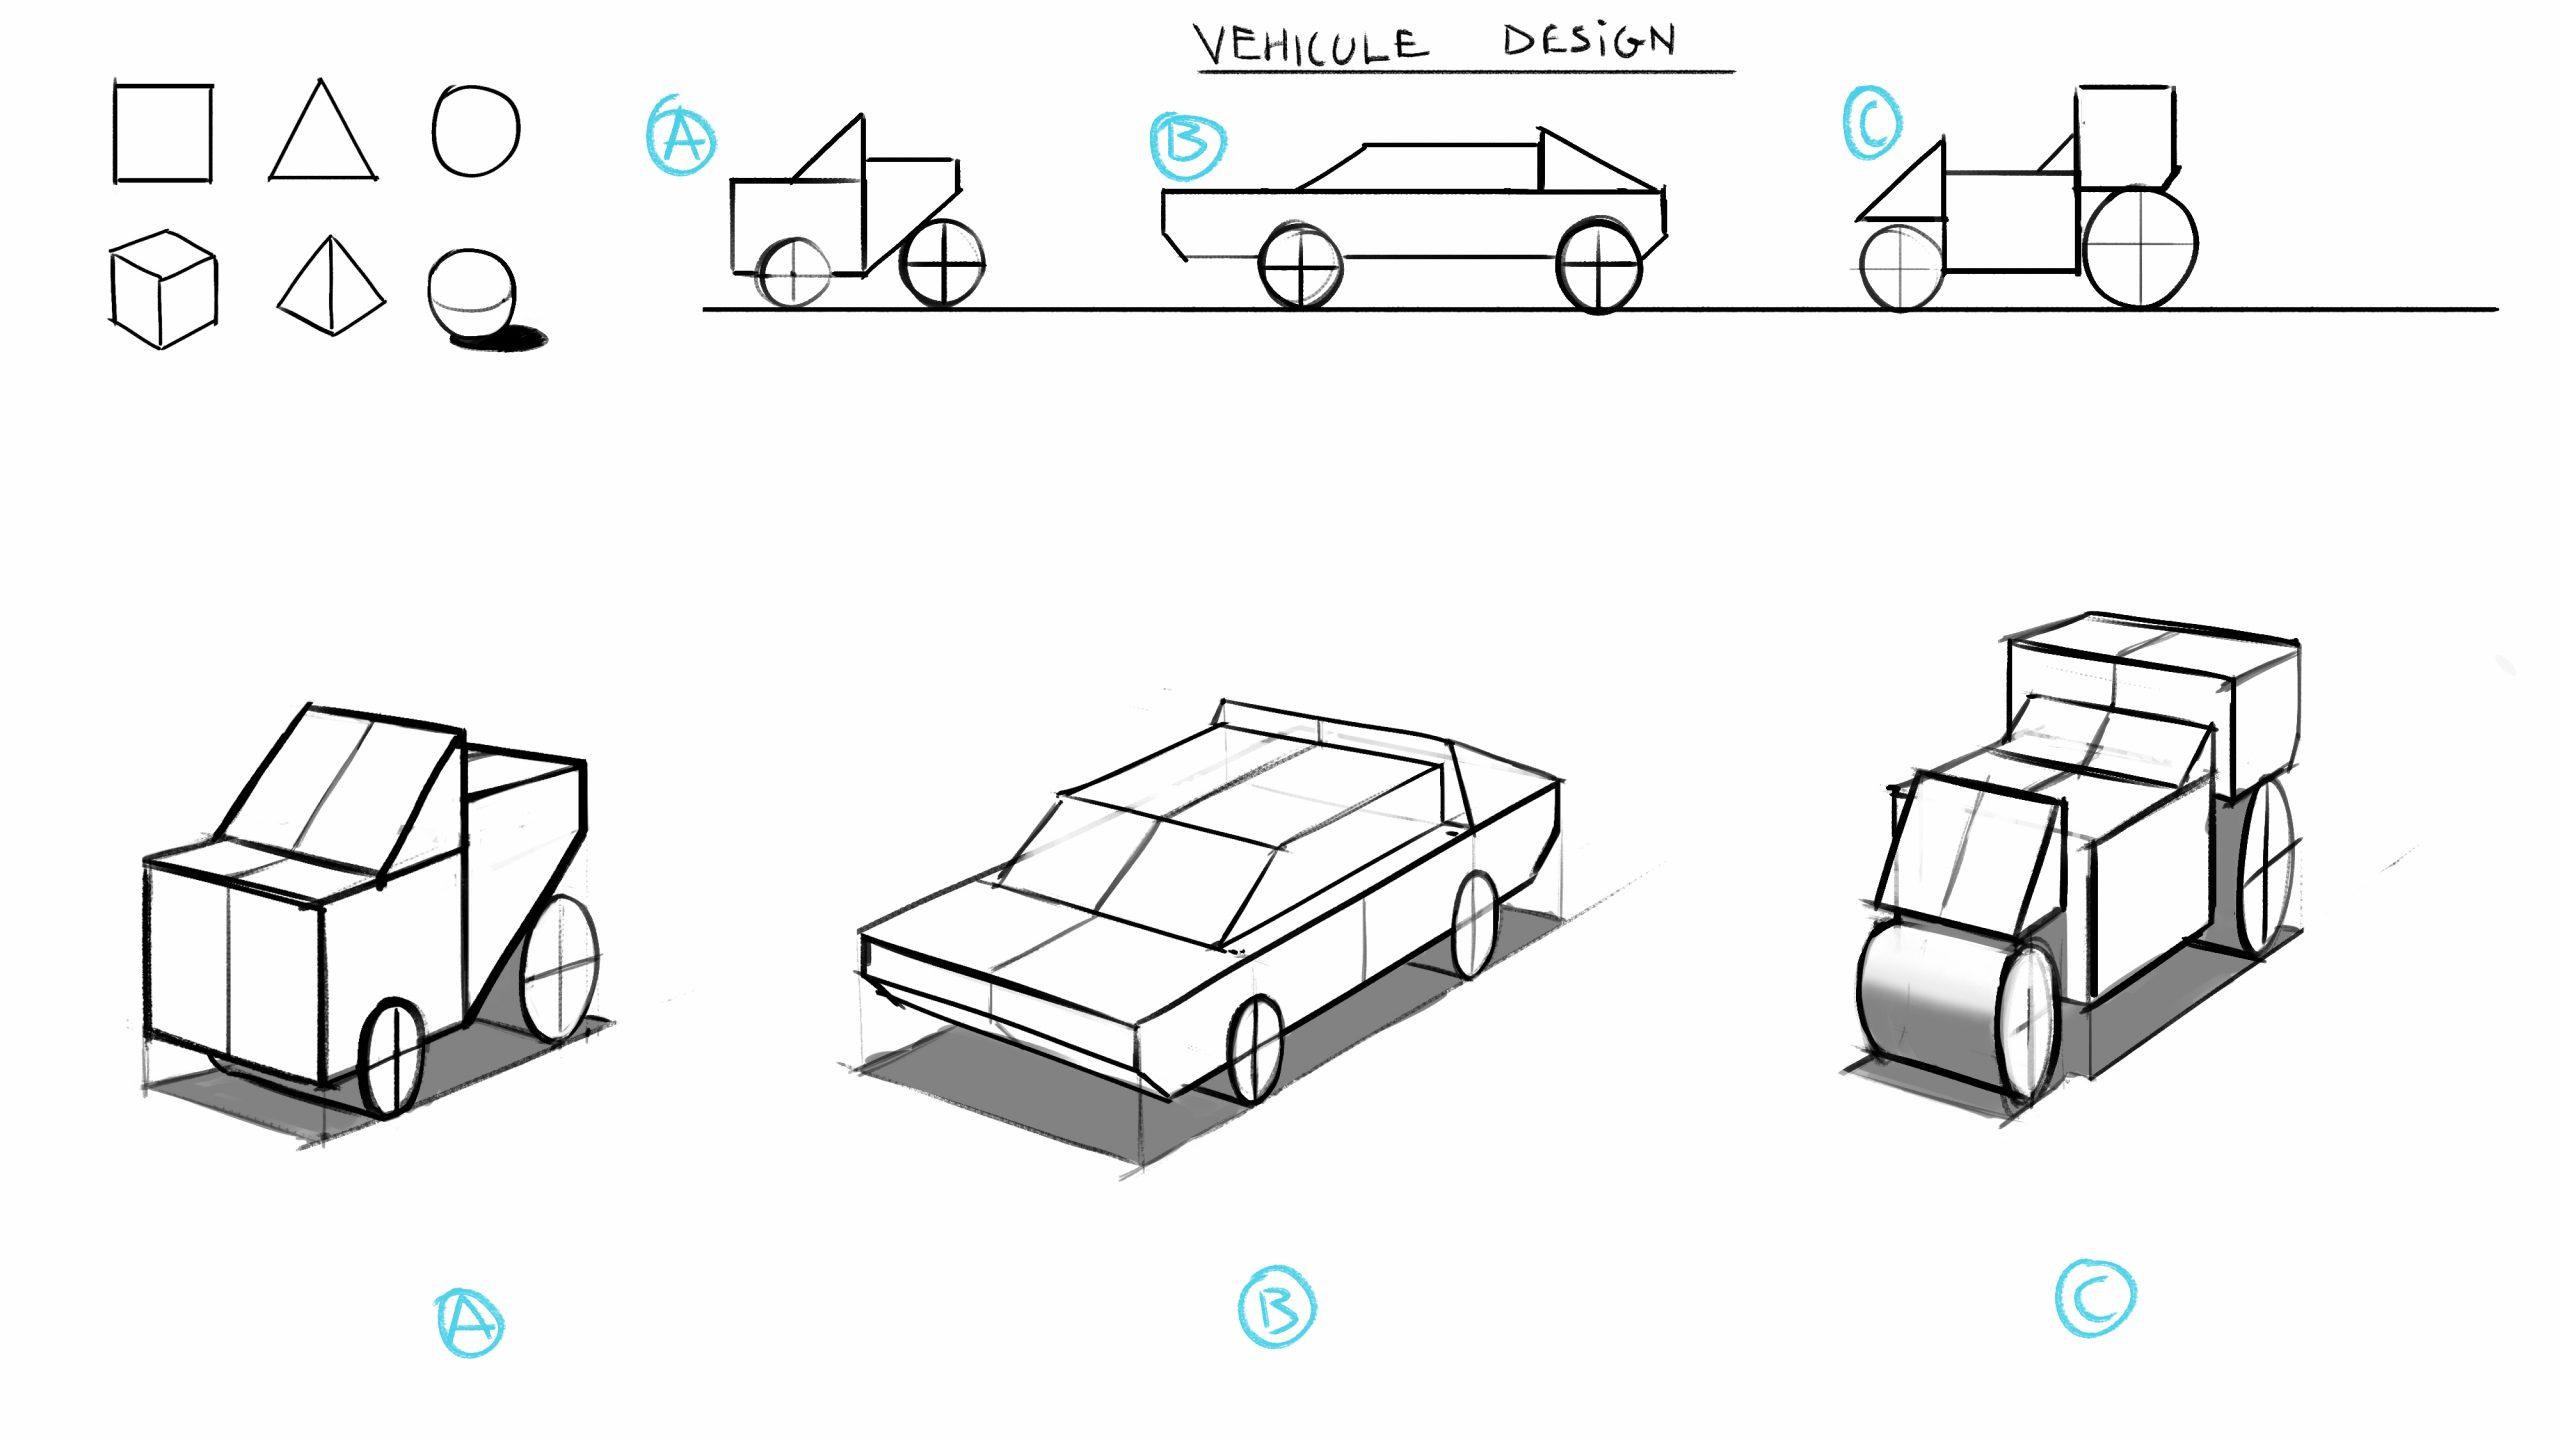 Introduction Au Design De Véhicule | Apprendre À Dessiner pour Apprendre A Dessiner Une Voiture